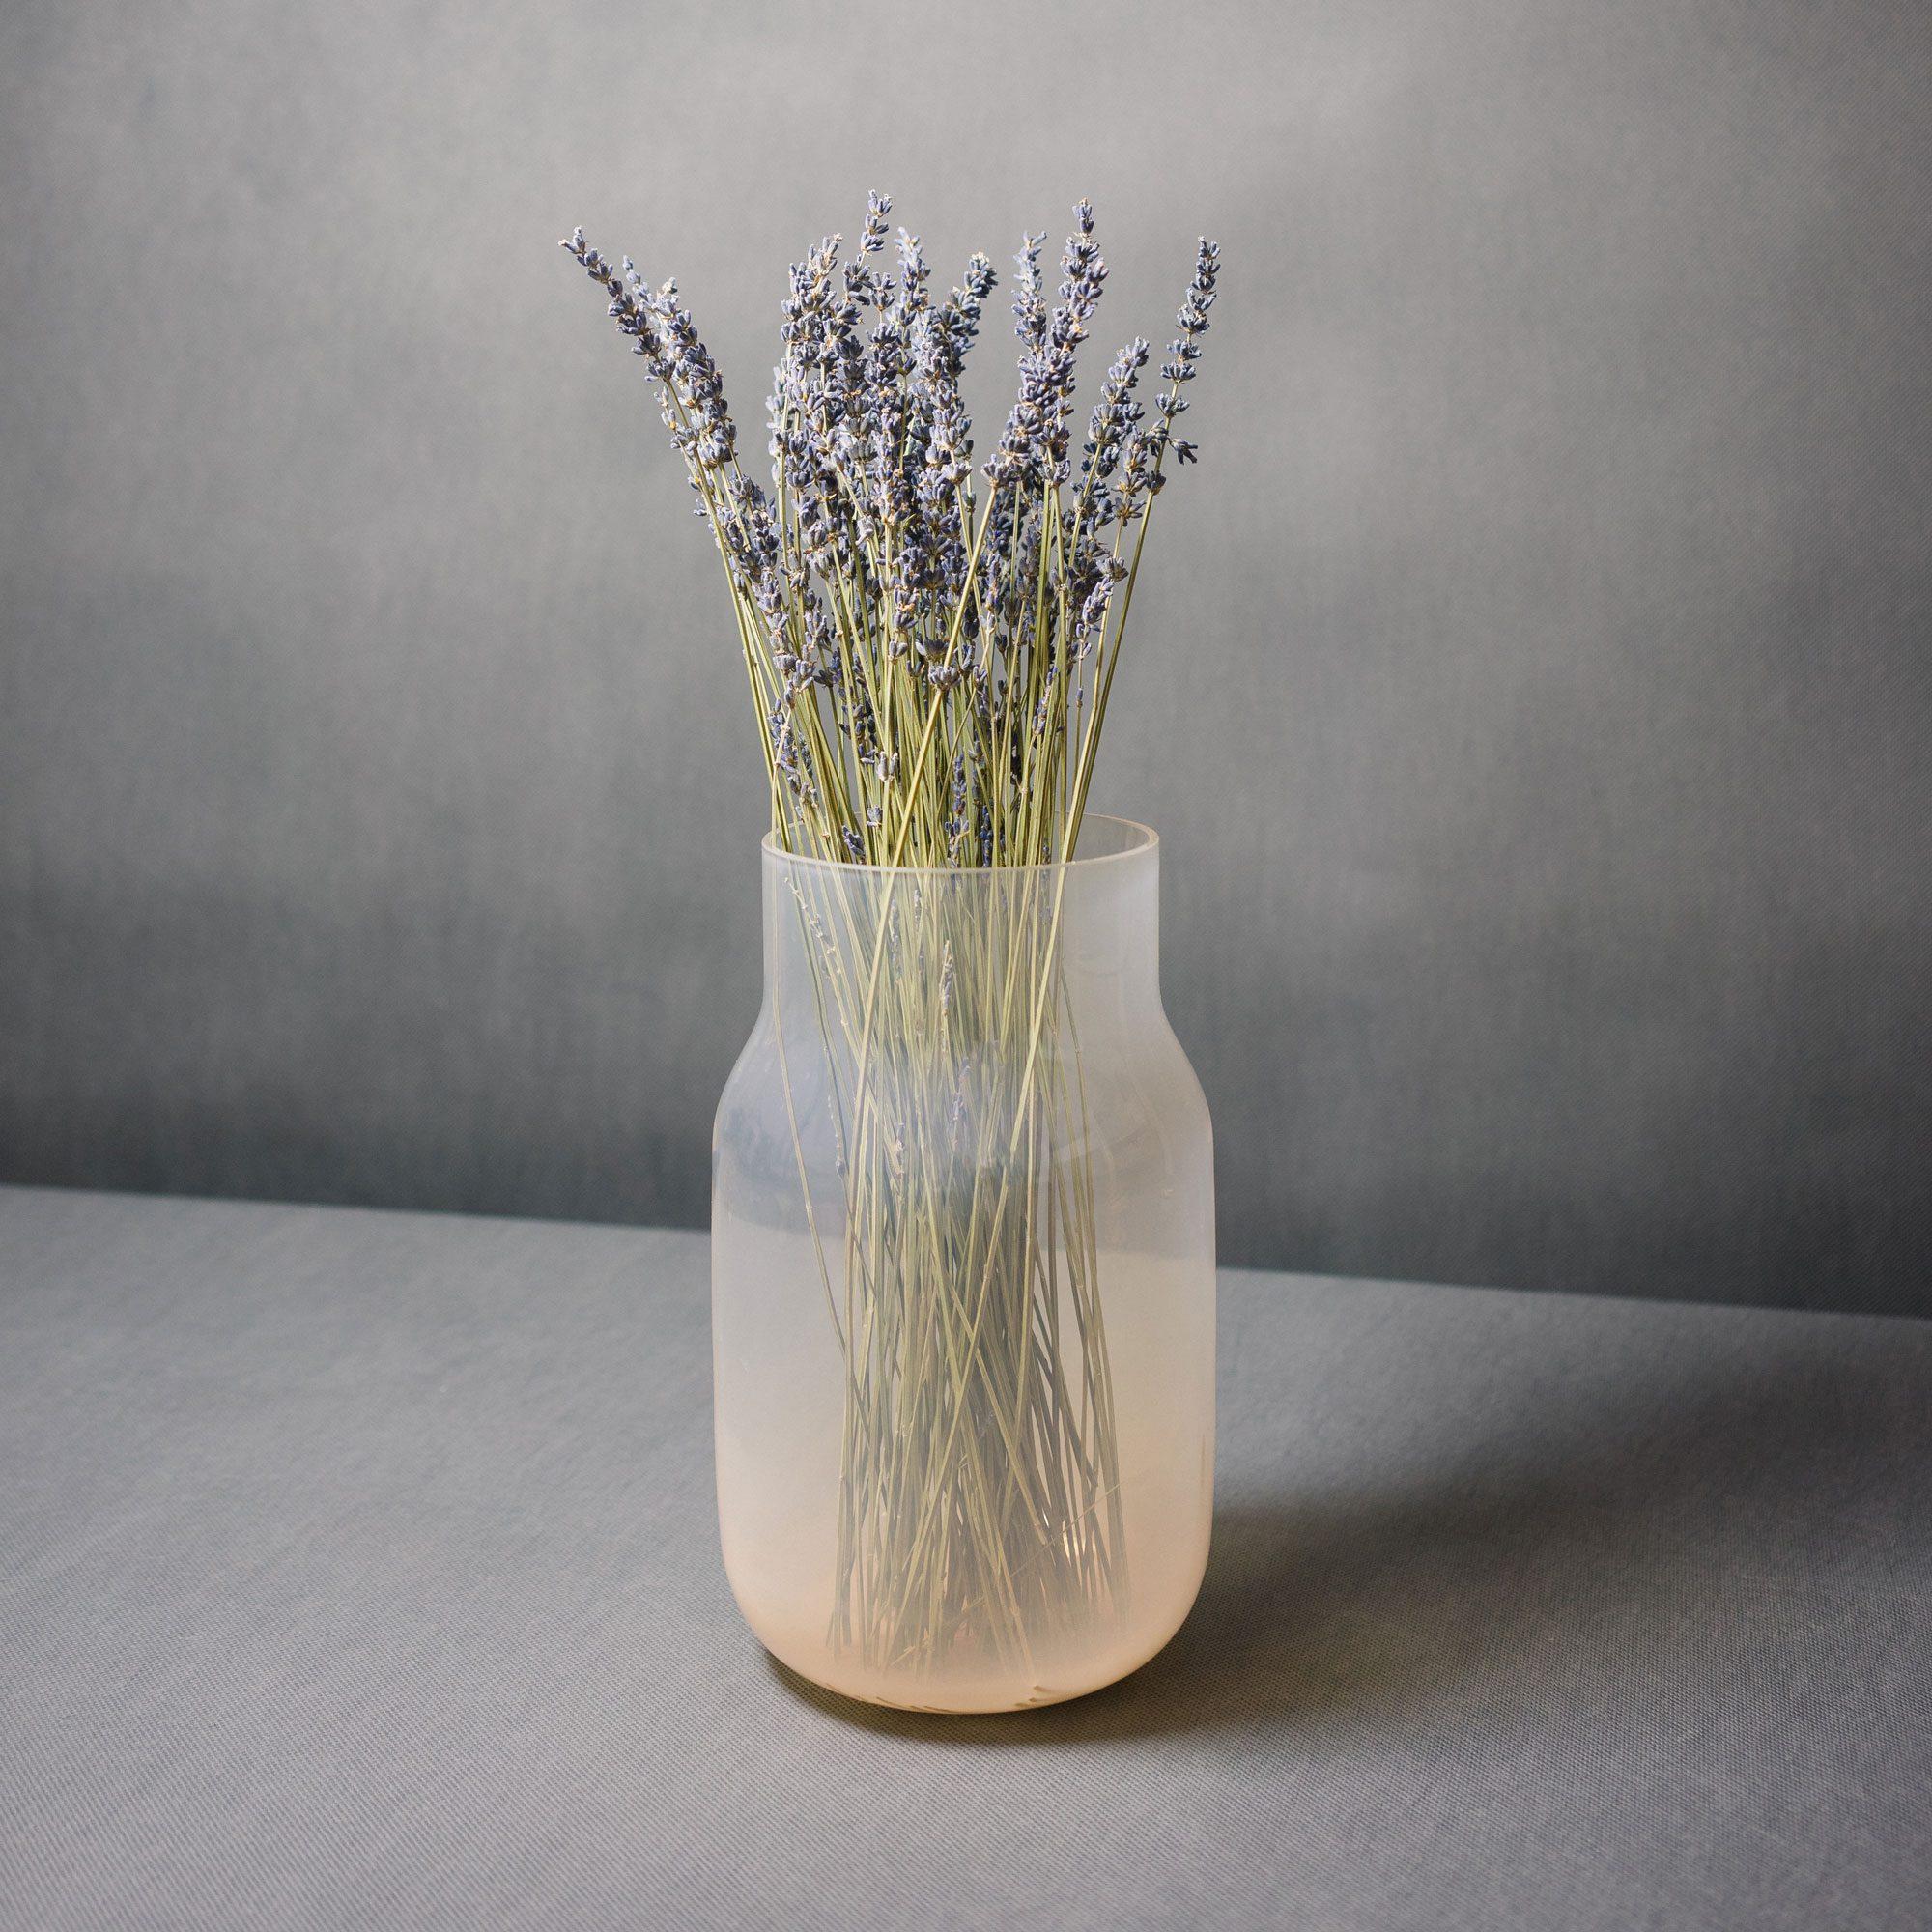 Nude vase by Dechem with lavander